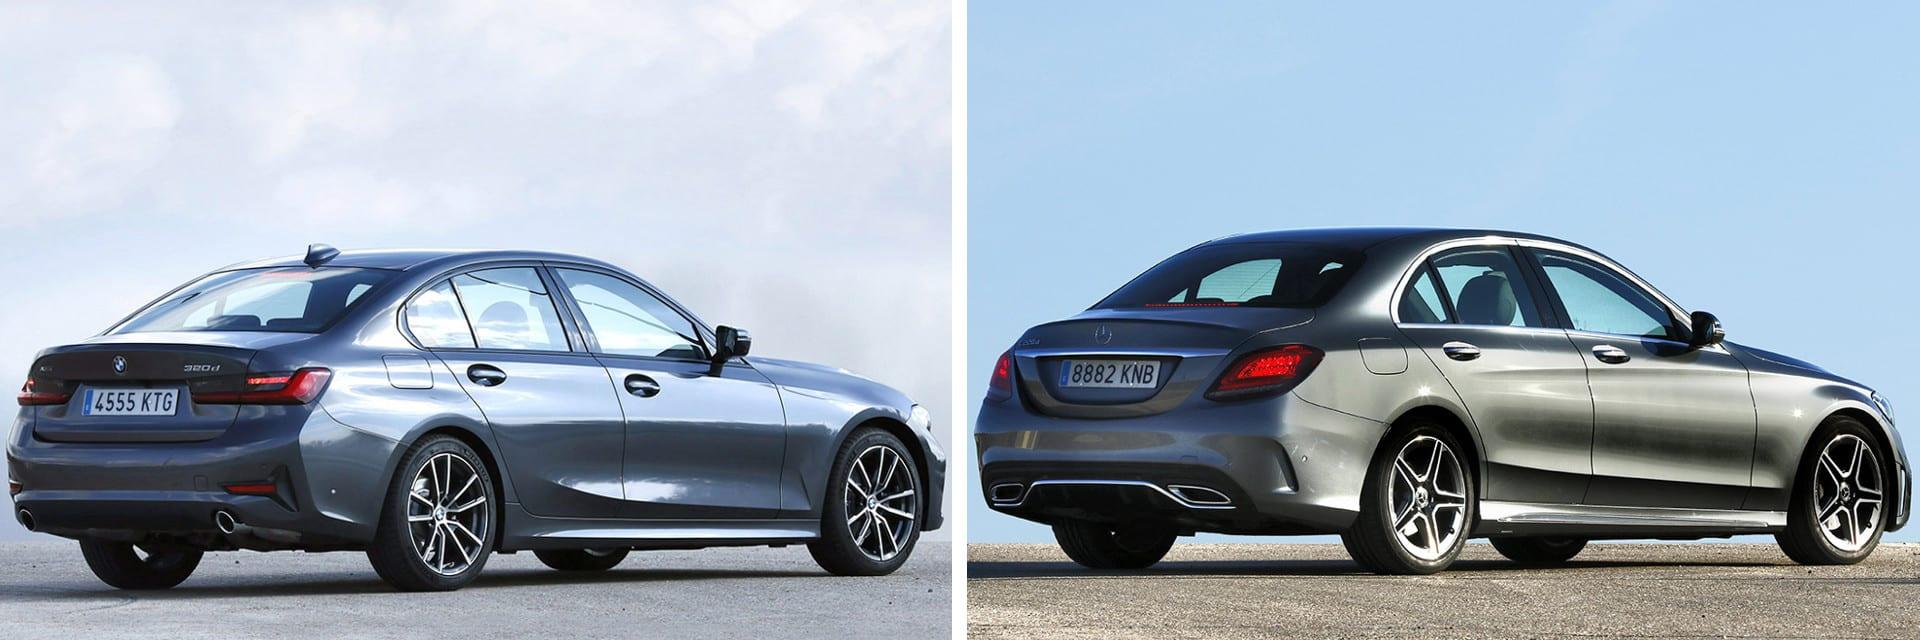 Este BMW Serie 3 (izq.) tiene una potencia de 190 caballos, mientras que la del Mercedes-Benz Clase C es de 194 caballos.